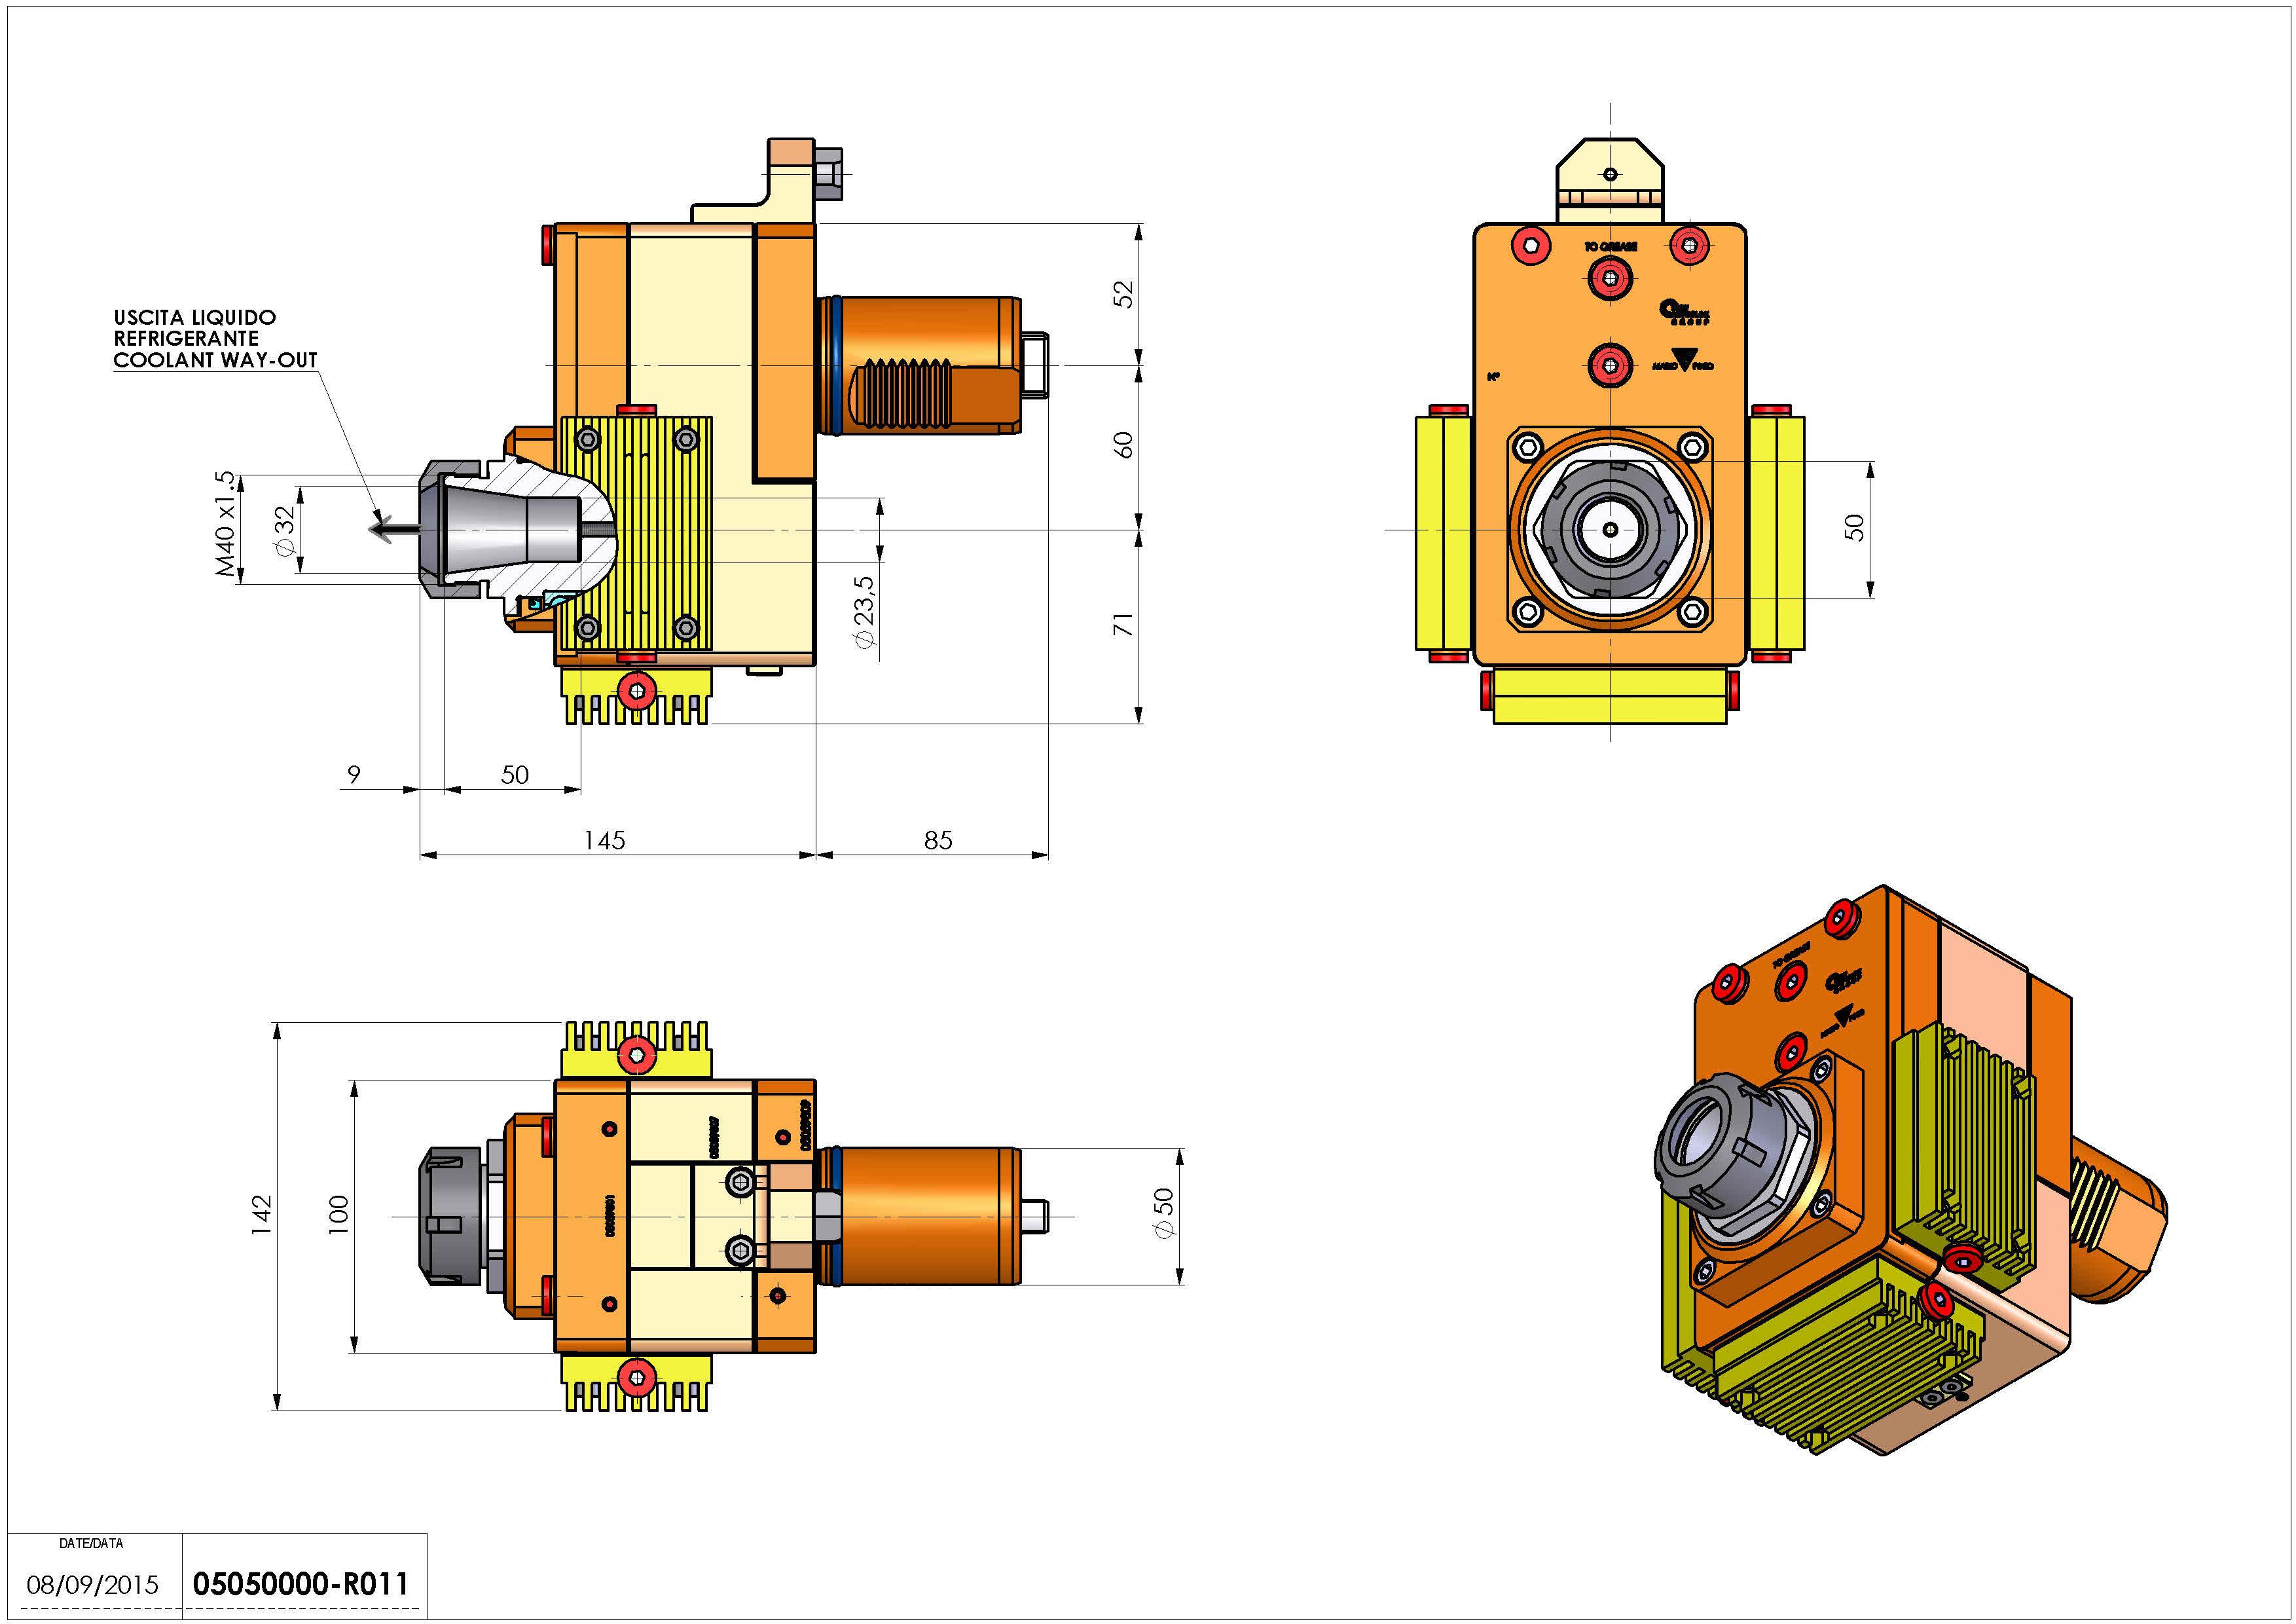 Technical image - LT-SVDI50ER32 OF60 1:2KR RF MZ.